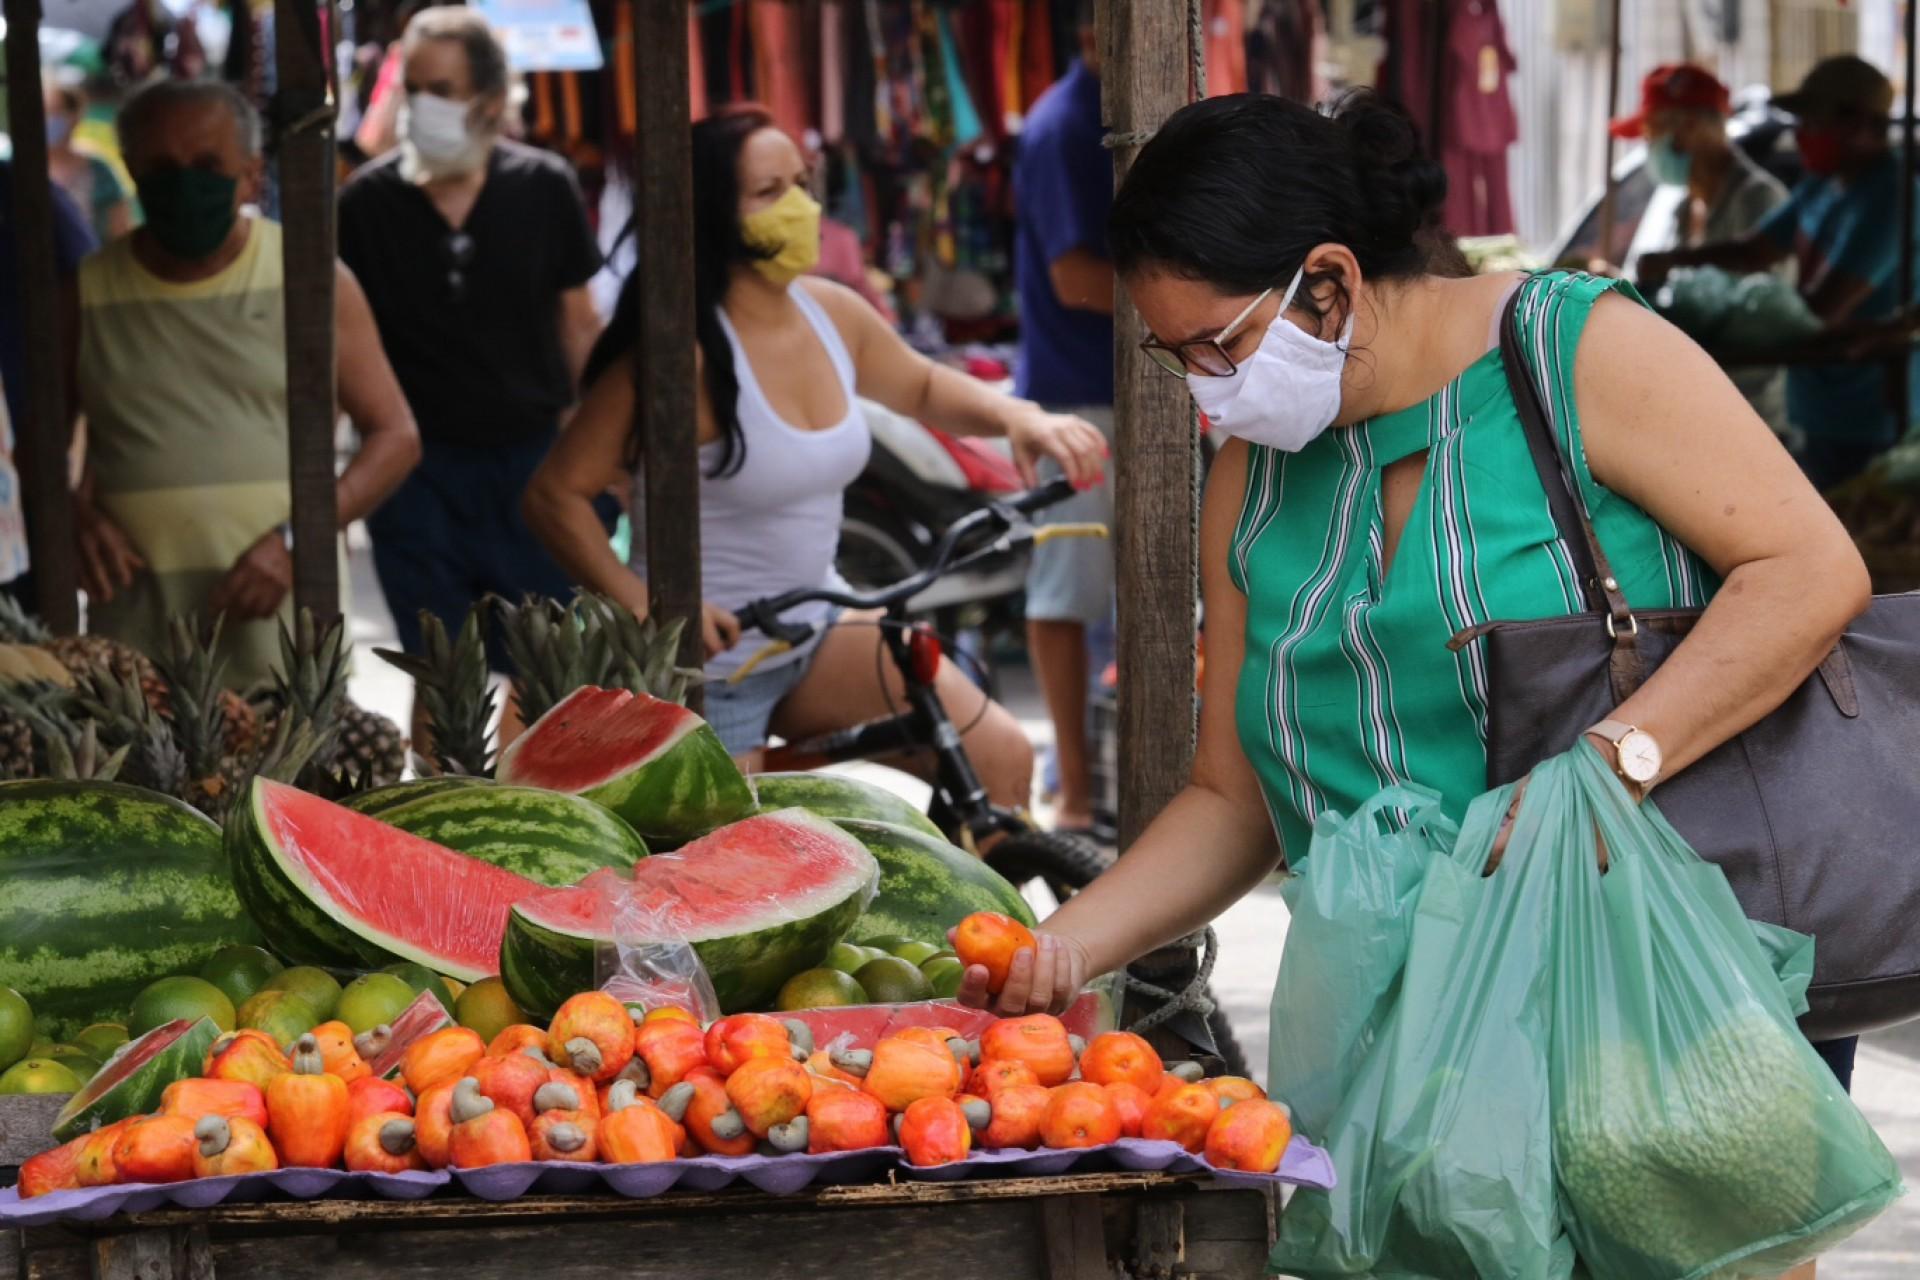 Com novo decreto, as feiras livres, que estavam proibidas, poderão funcionar obedecendo protocolos (Foto: Fabio Lima)